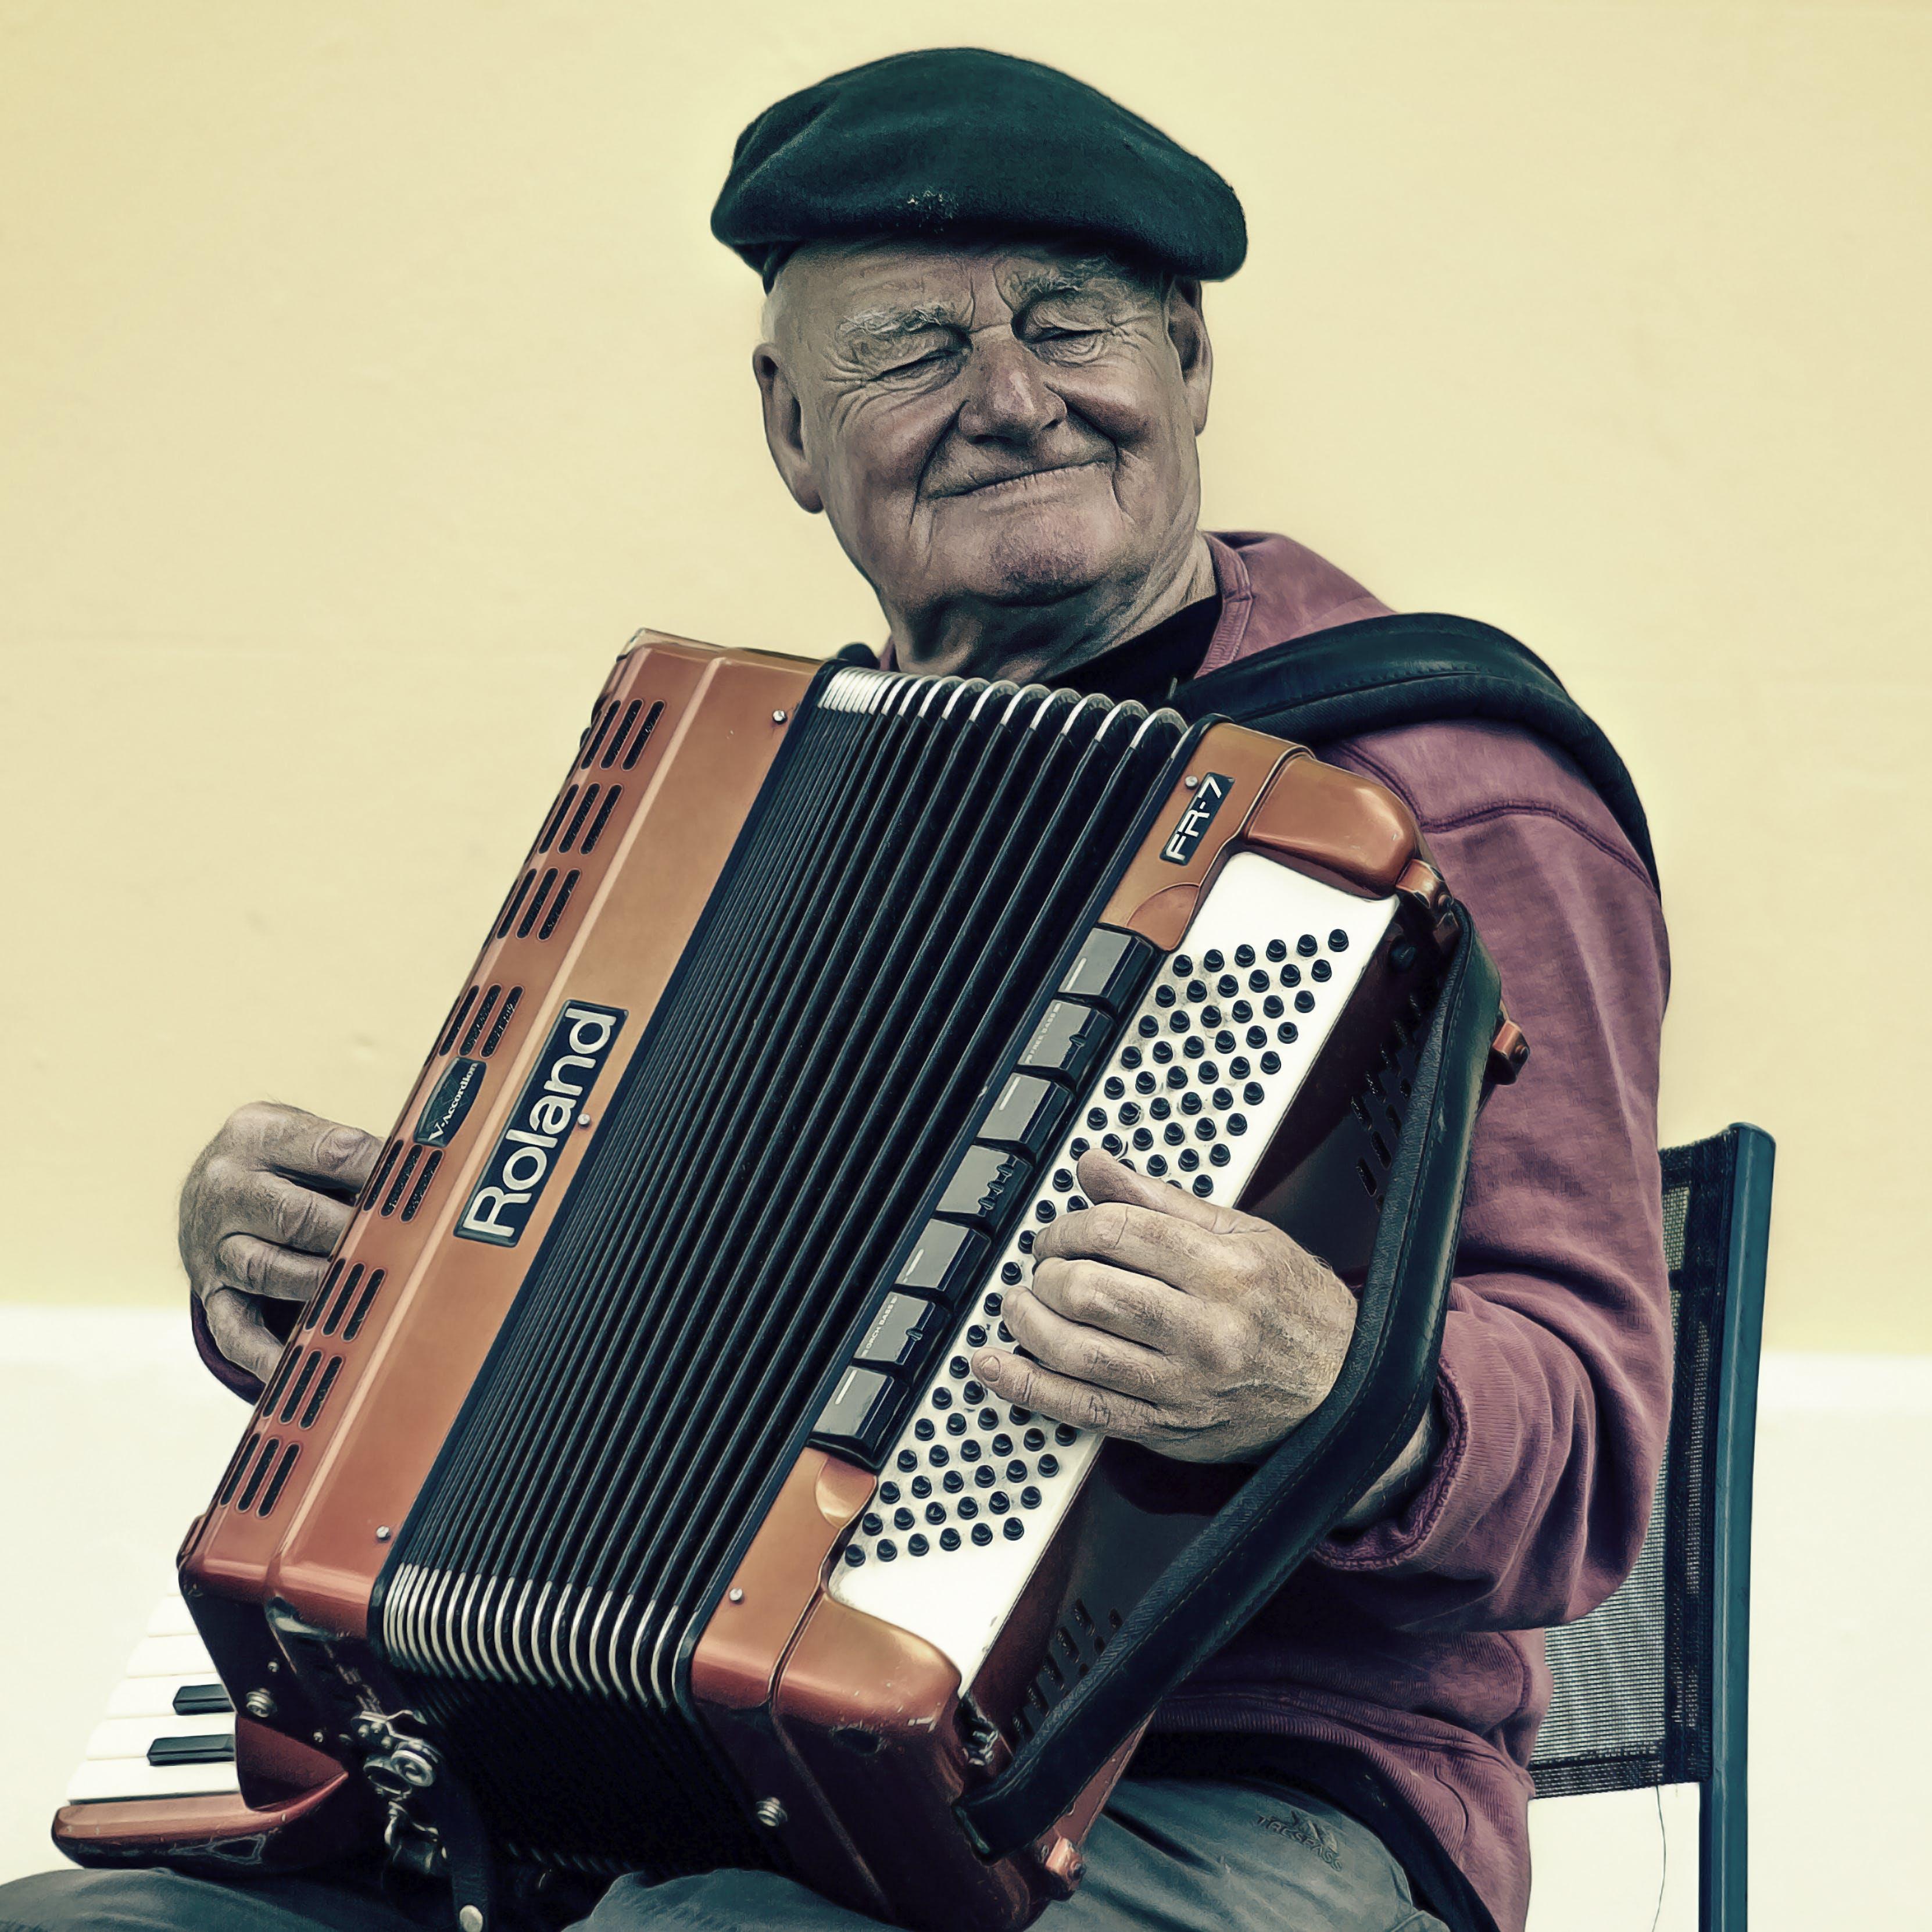 Man Sitting Playing Accordion